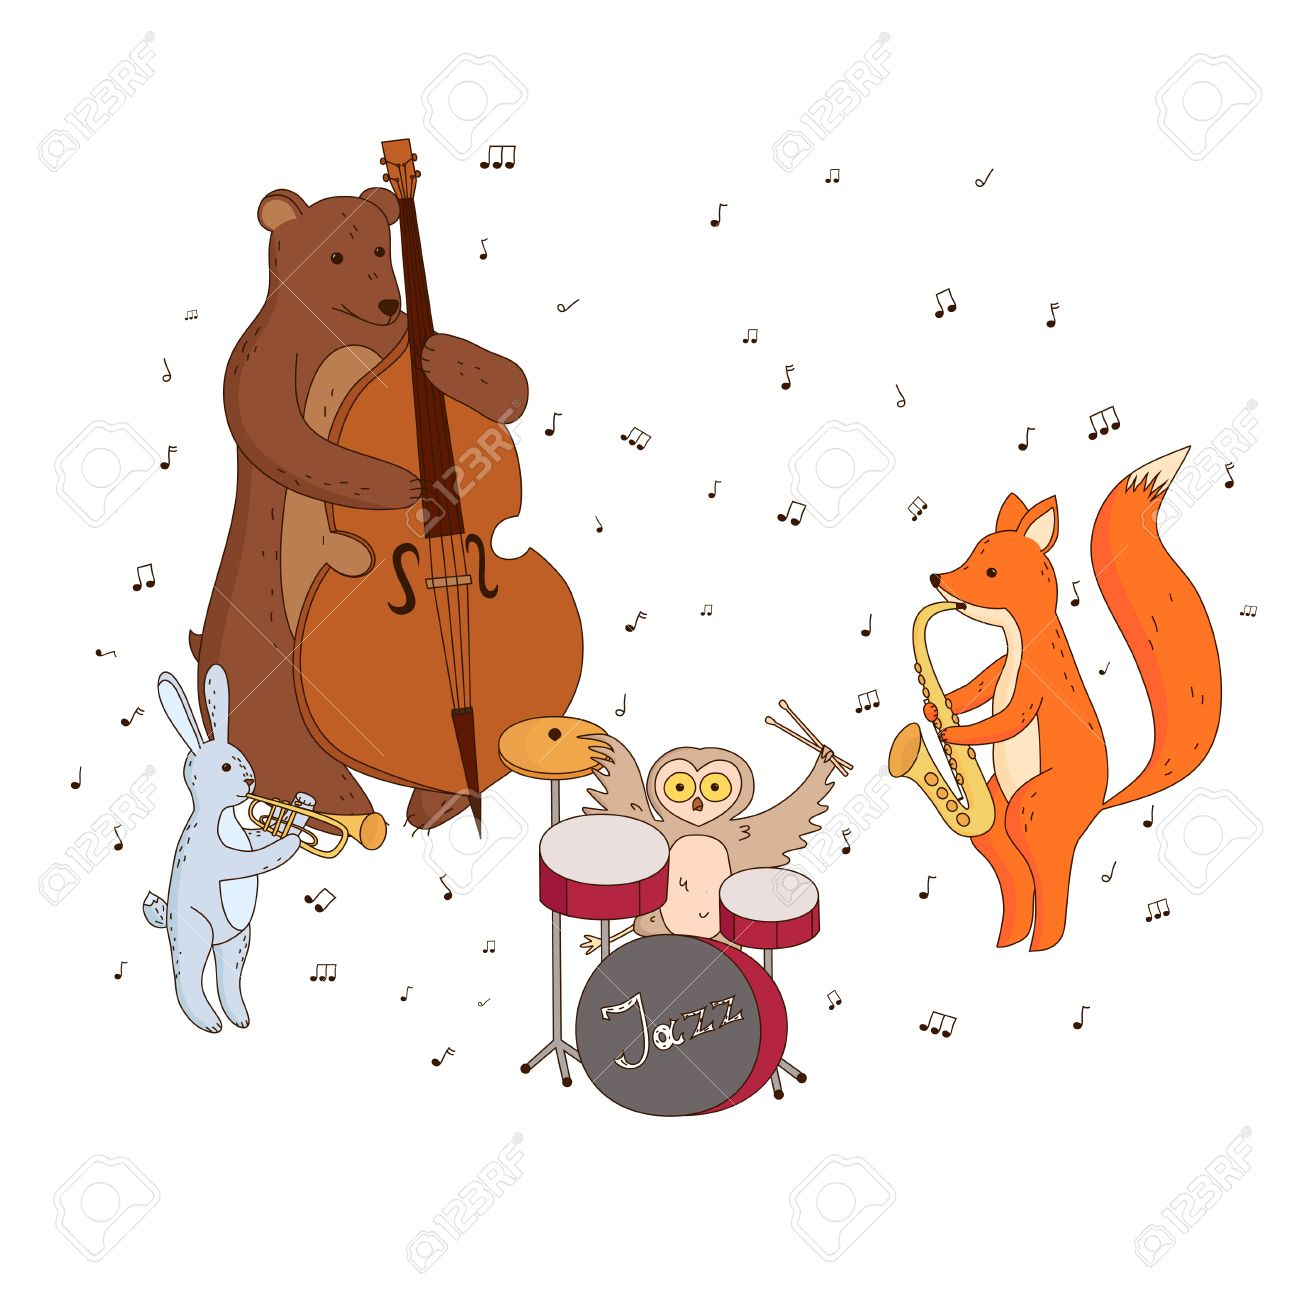 かわいい森の動物が楽器を演奏します。音楽グループ、ジャズ バンド